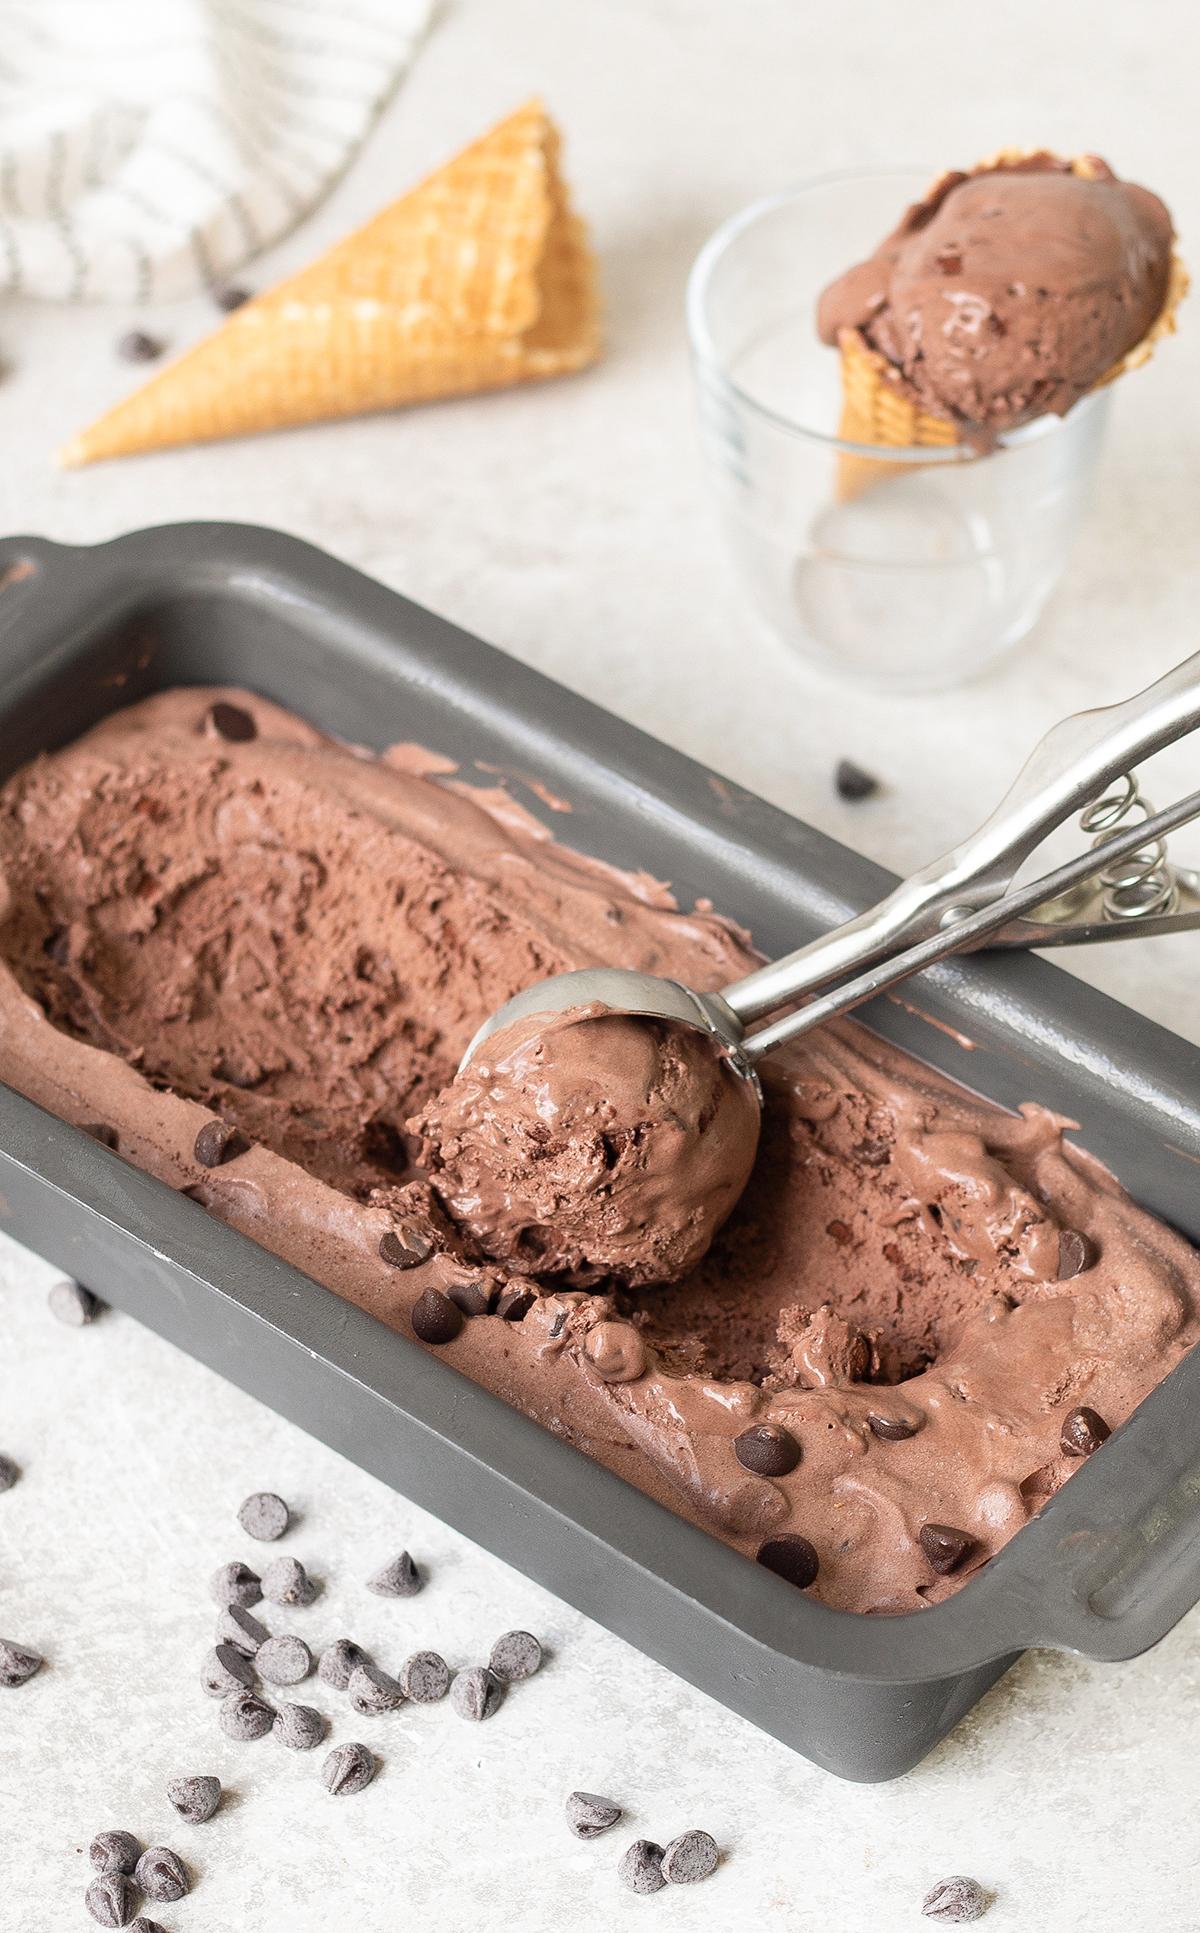 Homemade No-Churn Chocolate Ice Cream